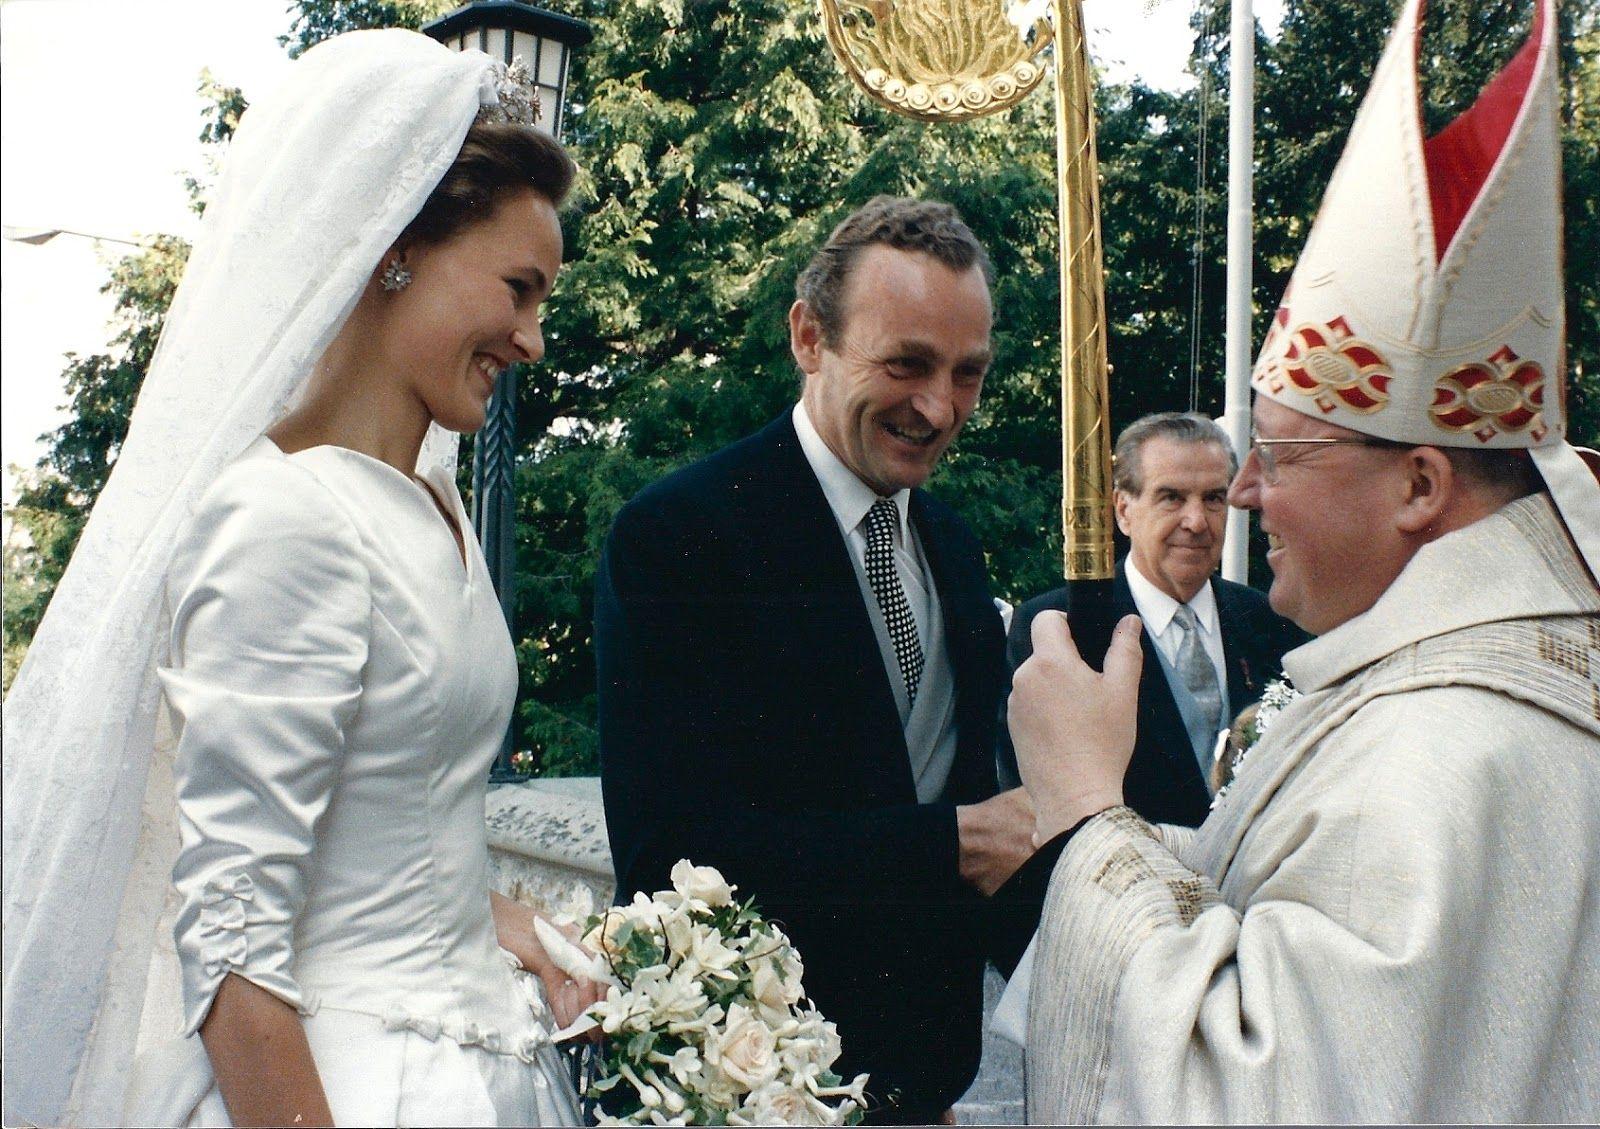 The Wedding Of Duchess Sophie In Bavaria And Hereditary Prince Alois Of Liechtenstein Waldstein Furst